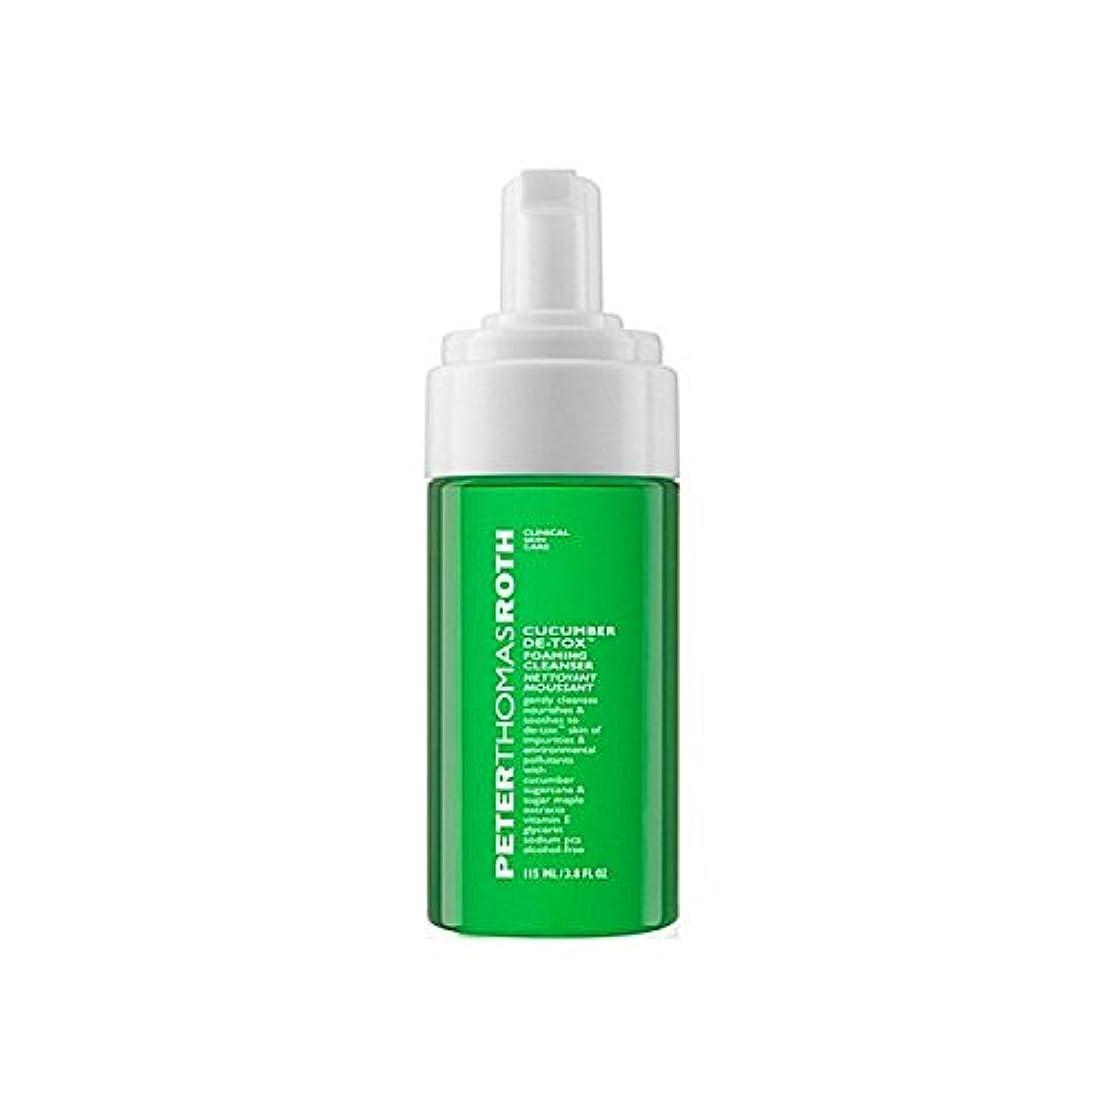 流行している無法者投資ピータートーマスロスキュウリデ発泡クレンザー x2 - Peter Thomas Roth Cucumber De-Tox Foaming Cleanser (Pack of 2) [並行輸入品]